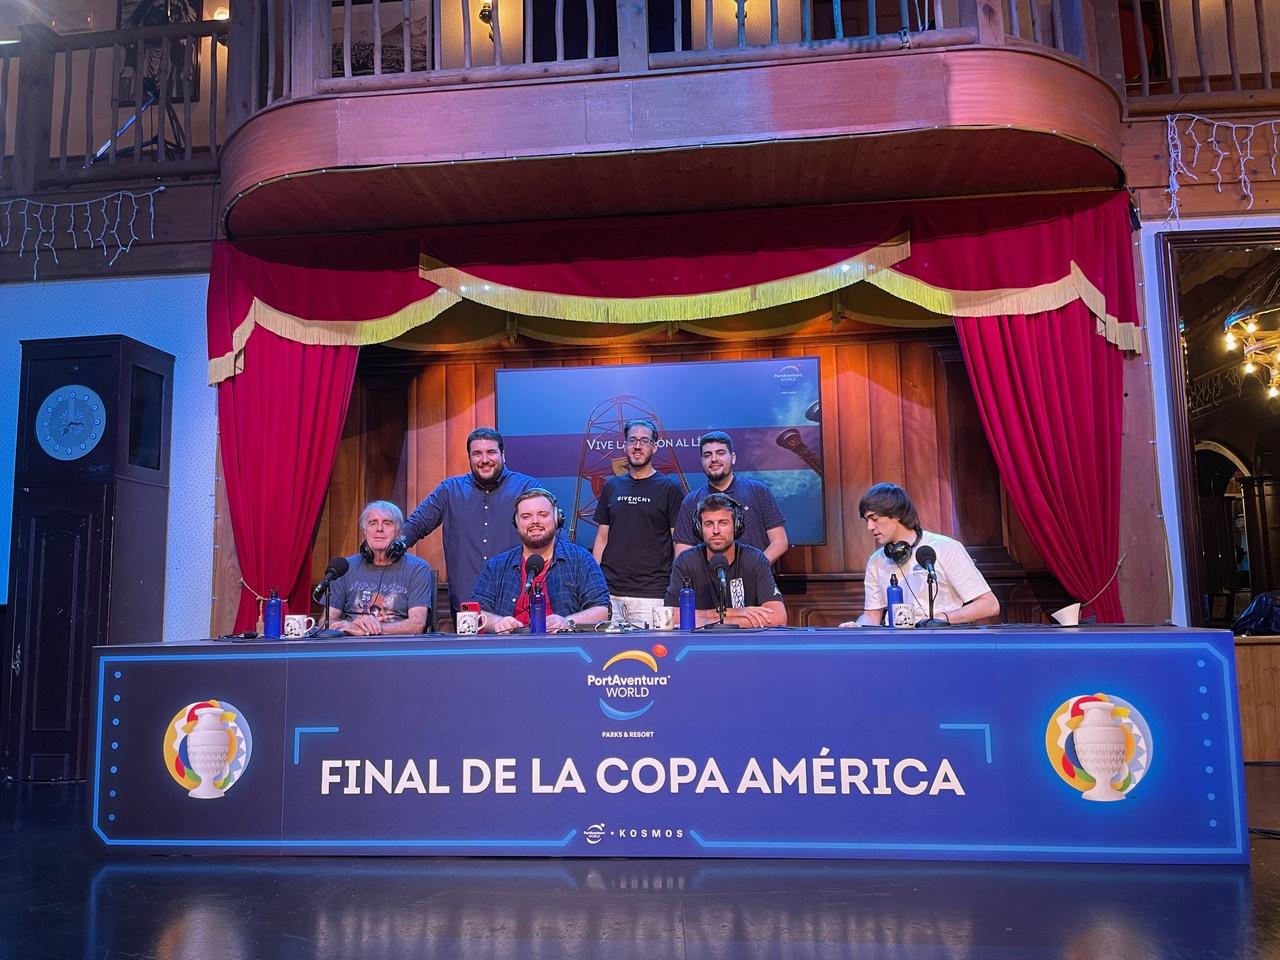 Ibai Llanos retransmite la final de la Copa América desde PortAventura